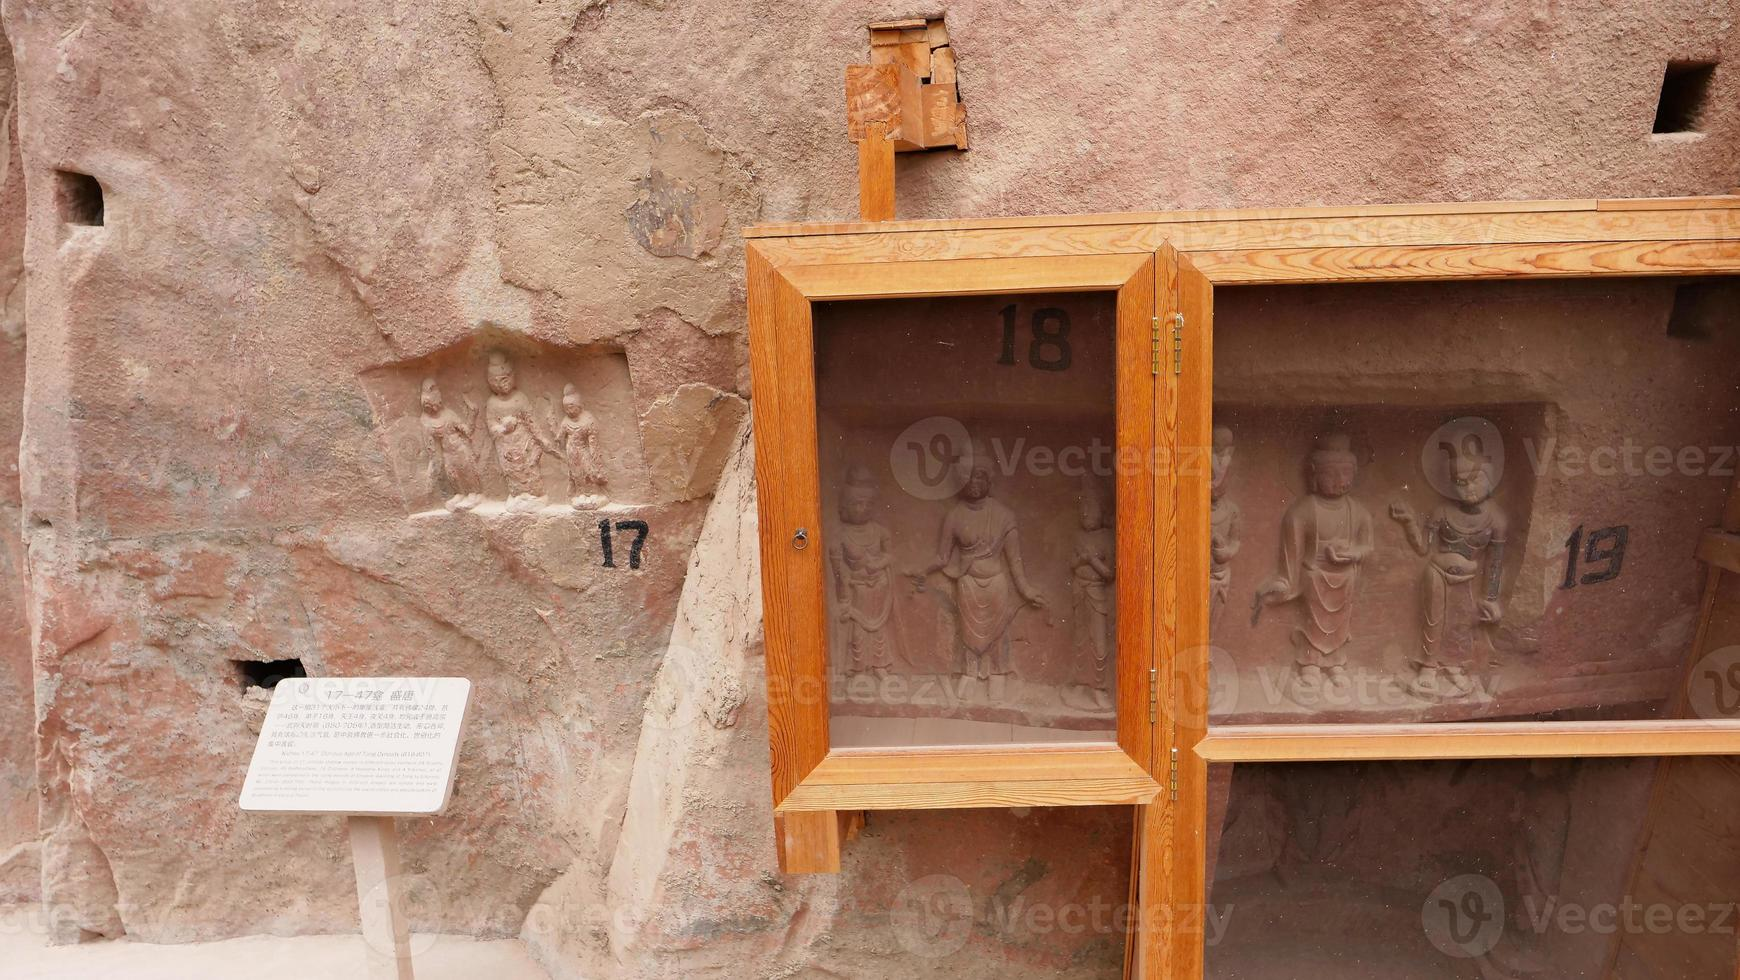 escultura de grutas budistas no agitado templo de Lanzhou Gansu, China foto